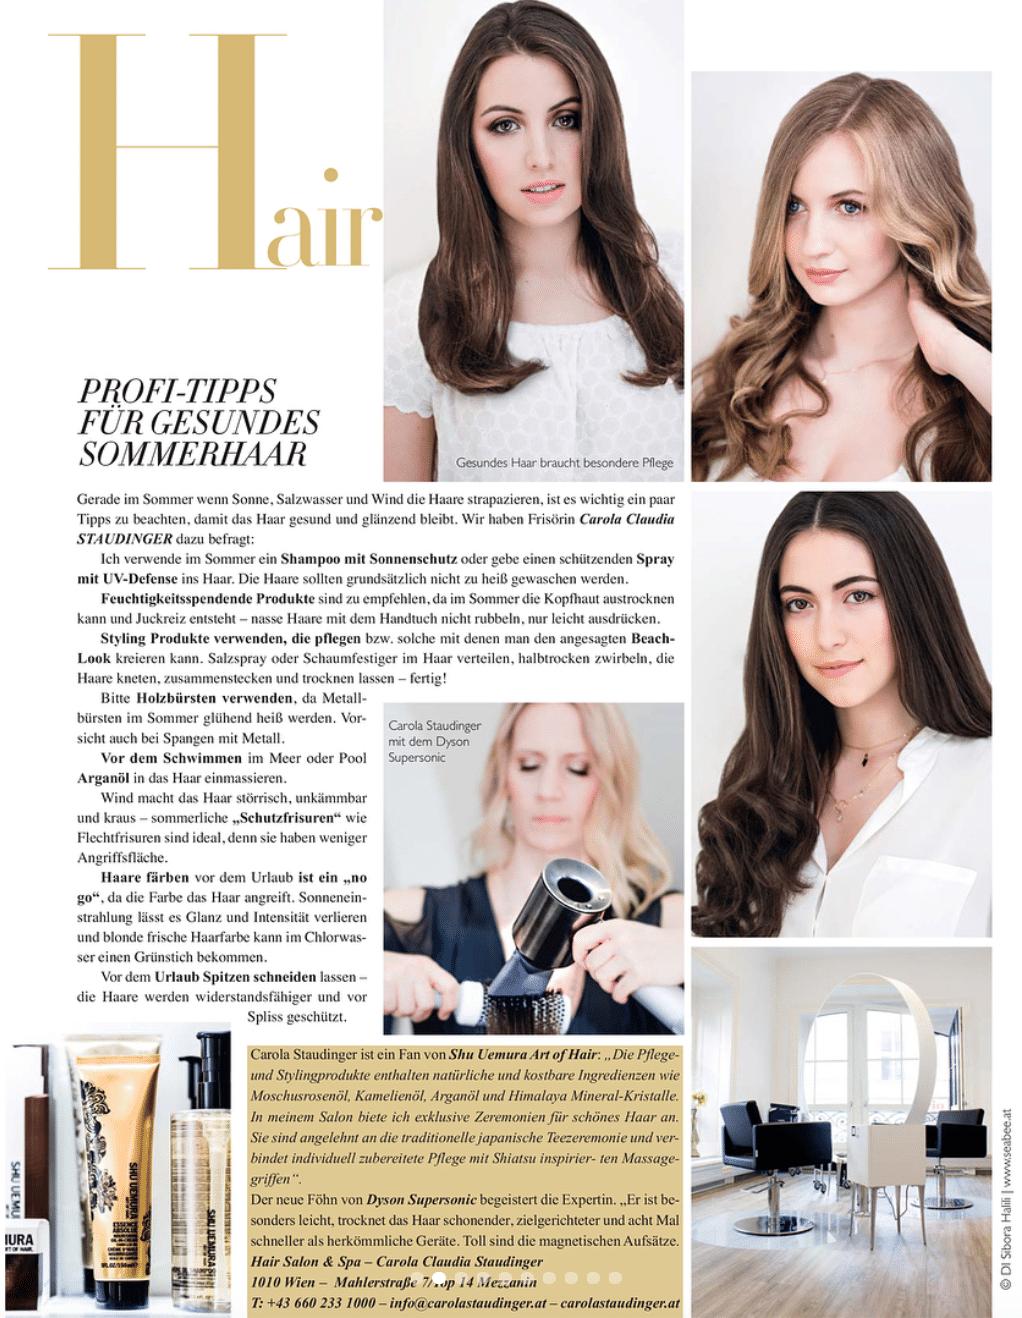 Carola Claudia Staudinger Hair Salon & Spa Sonne, Salzwasser und Wind strapazieren das Haar. Wie könnt ihr euer Haar schützen und pflegen? Carola verrät euch im VON Magazin wertvolle Tipps und Tricks.